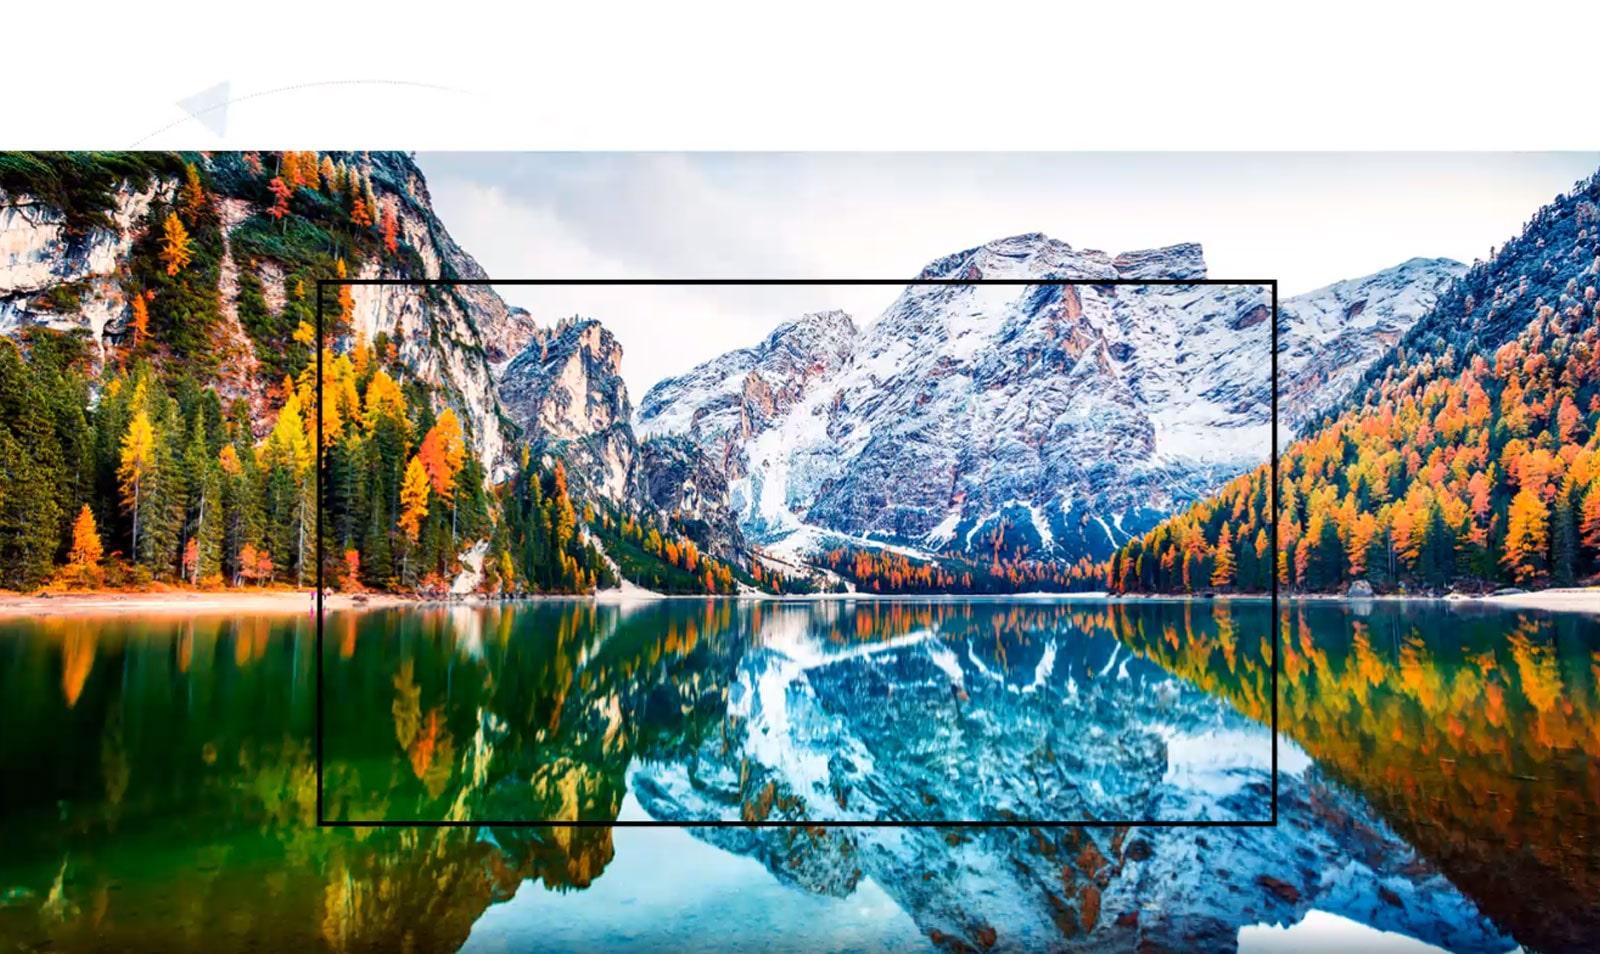 Una pantalla de televisión que capta el escenario de la montaña y el lago se amplía (reproducir el video)